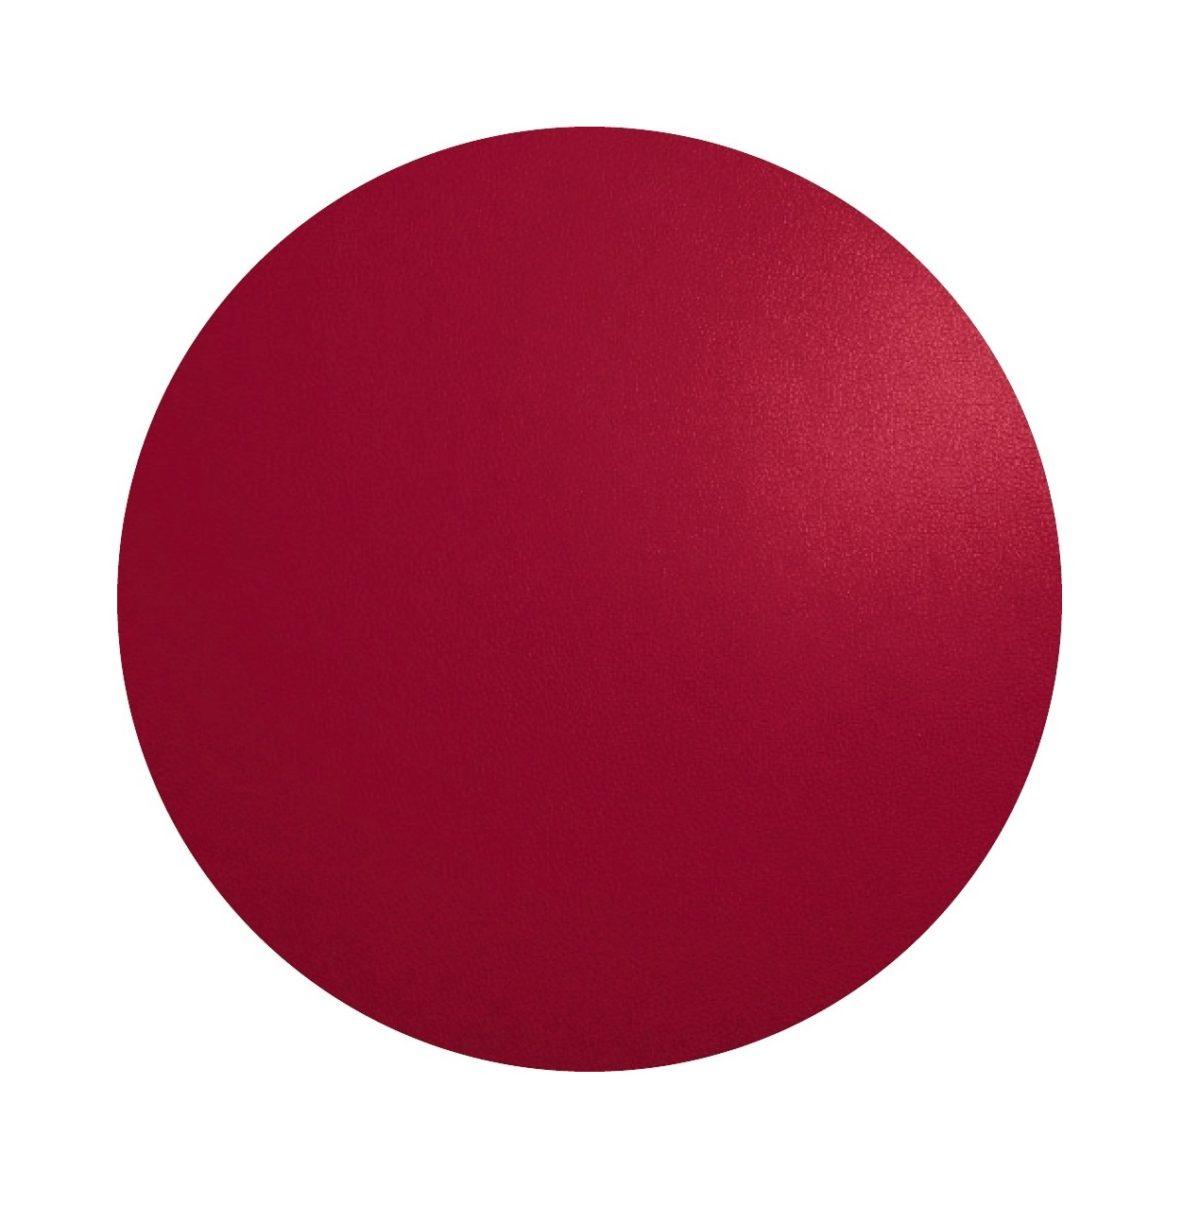 7858420 1200x1223 - Placemat round magnolia 38 cm (7858420)